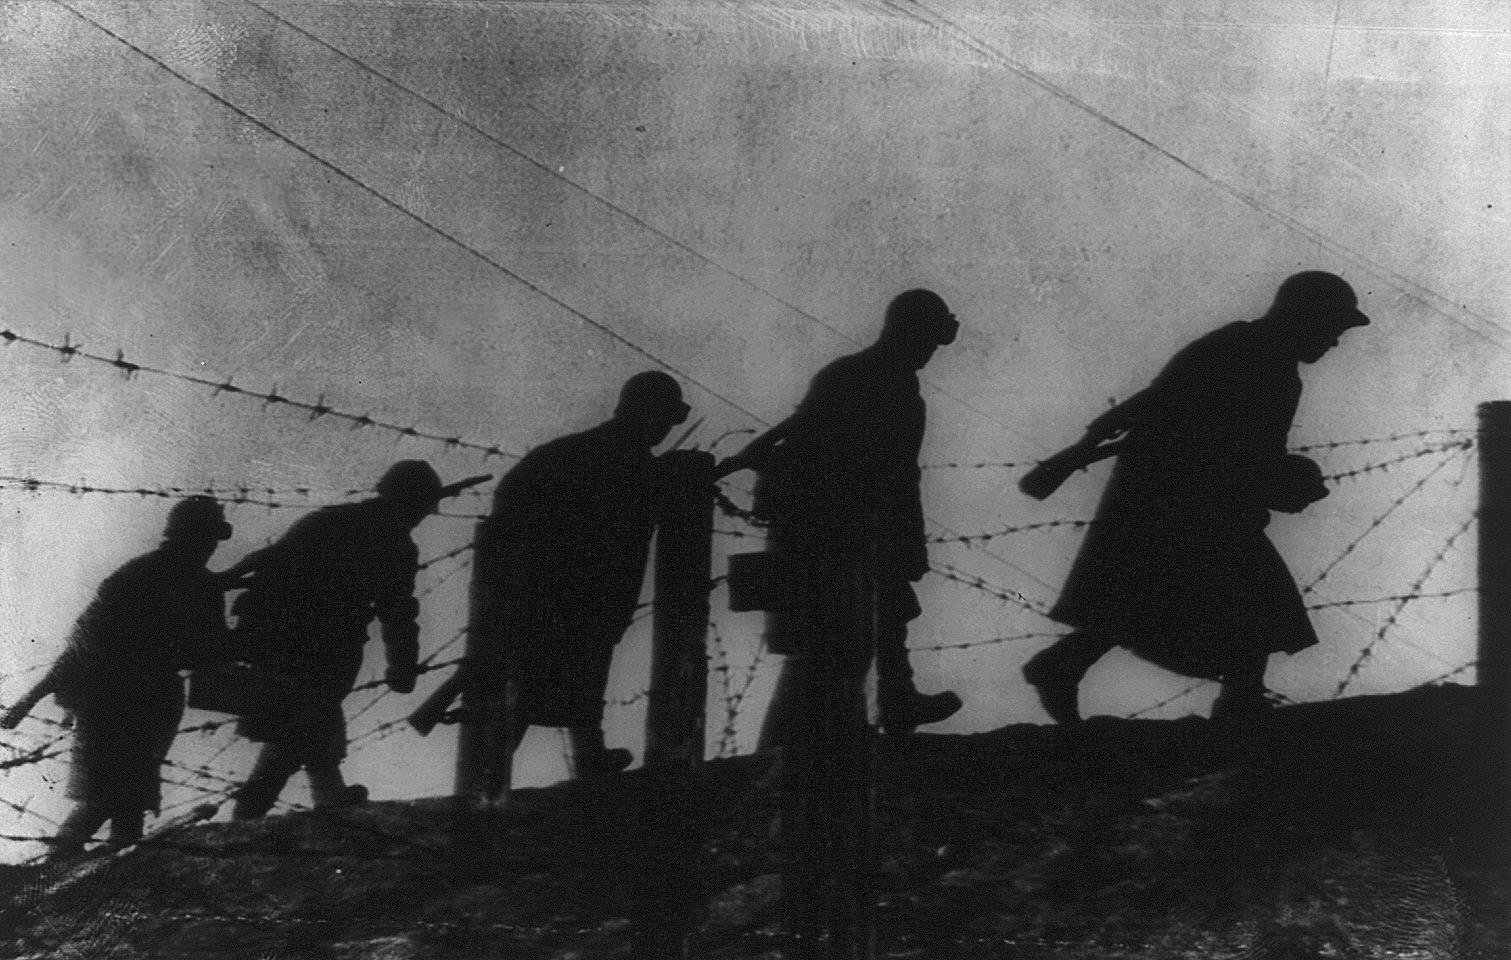 Борис Уткин. Саперы Красной Армии идут вдоль заграждения из колючей проволоки под Ленинградом. 1941